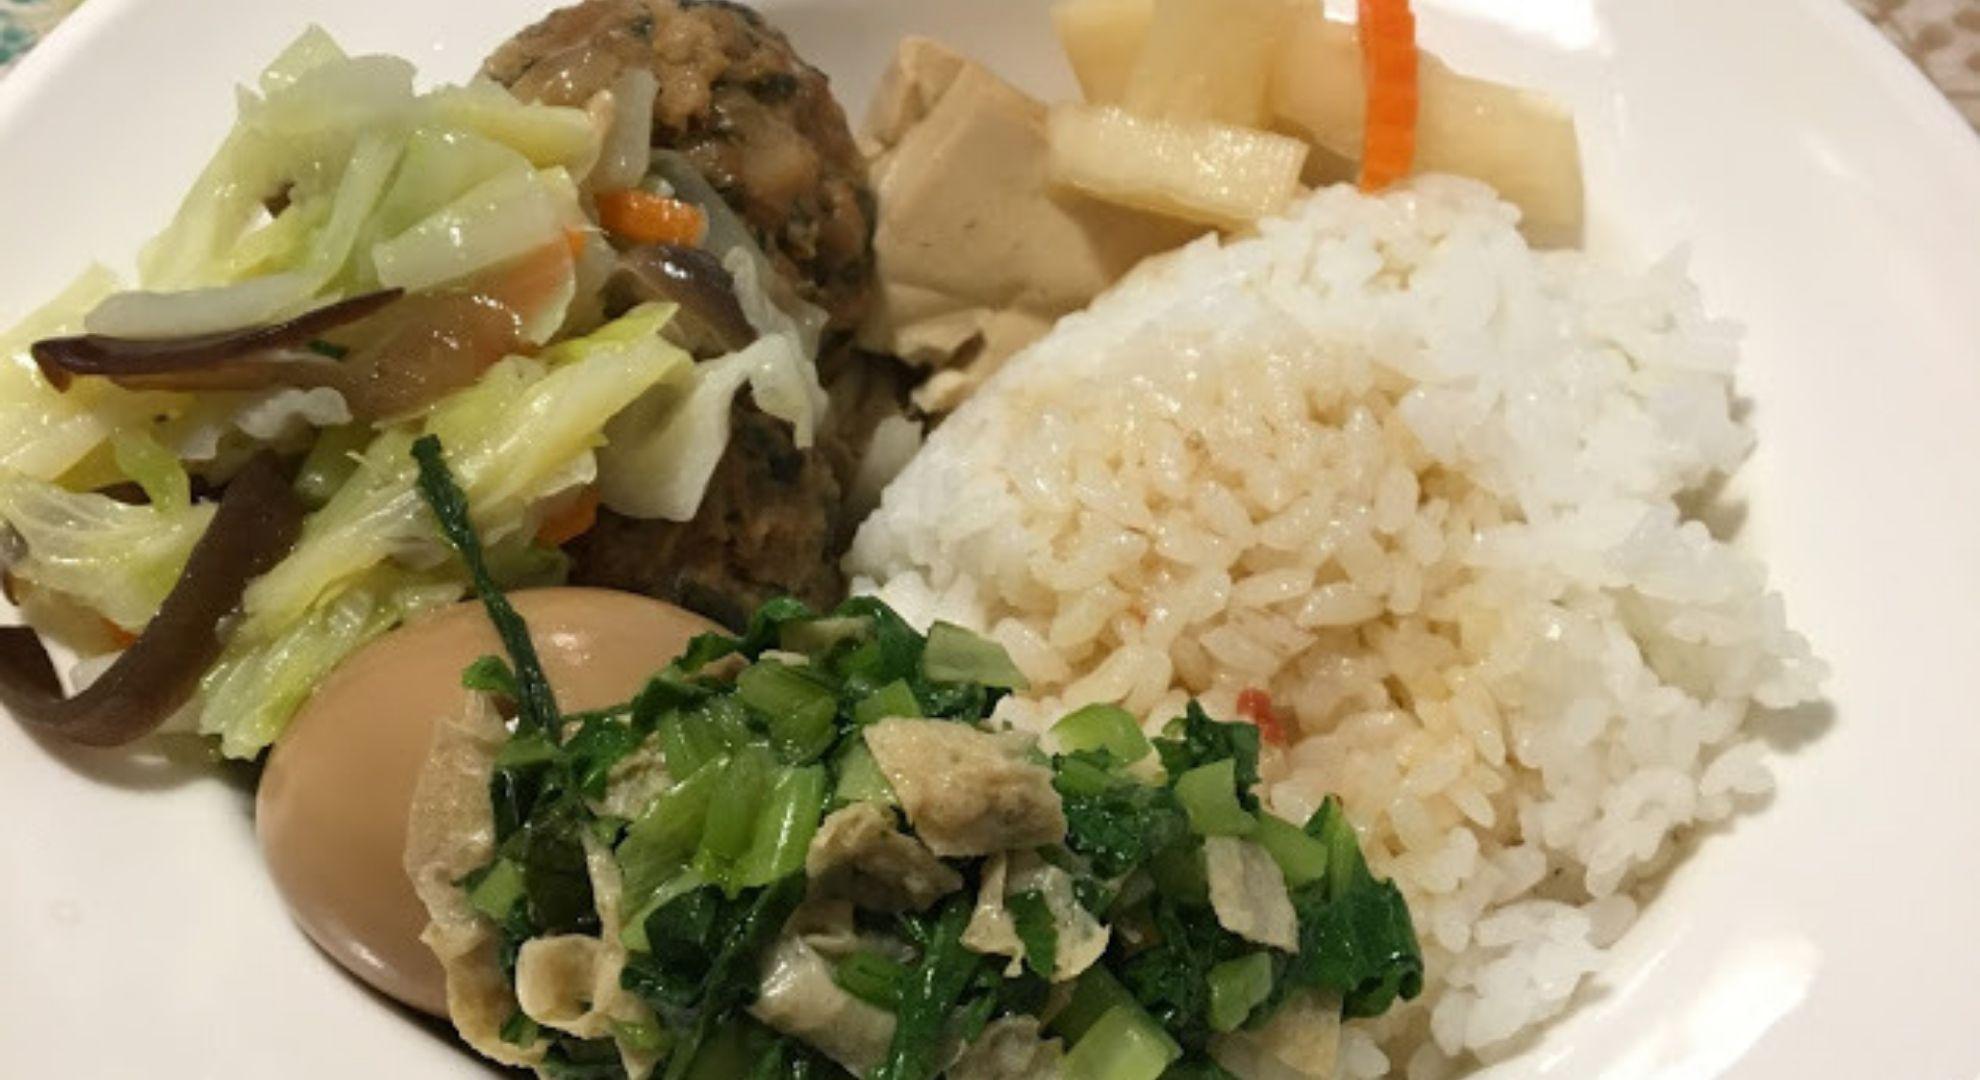 台湾の伝統的な家庭料理が食べられるお店「楽意坊小吃」を紹介します。